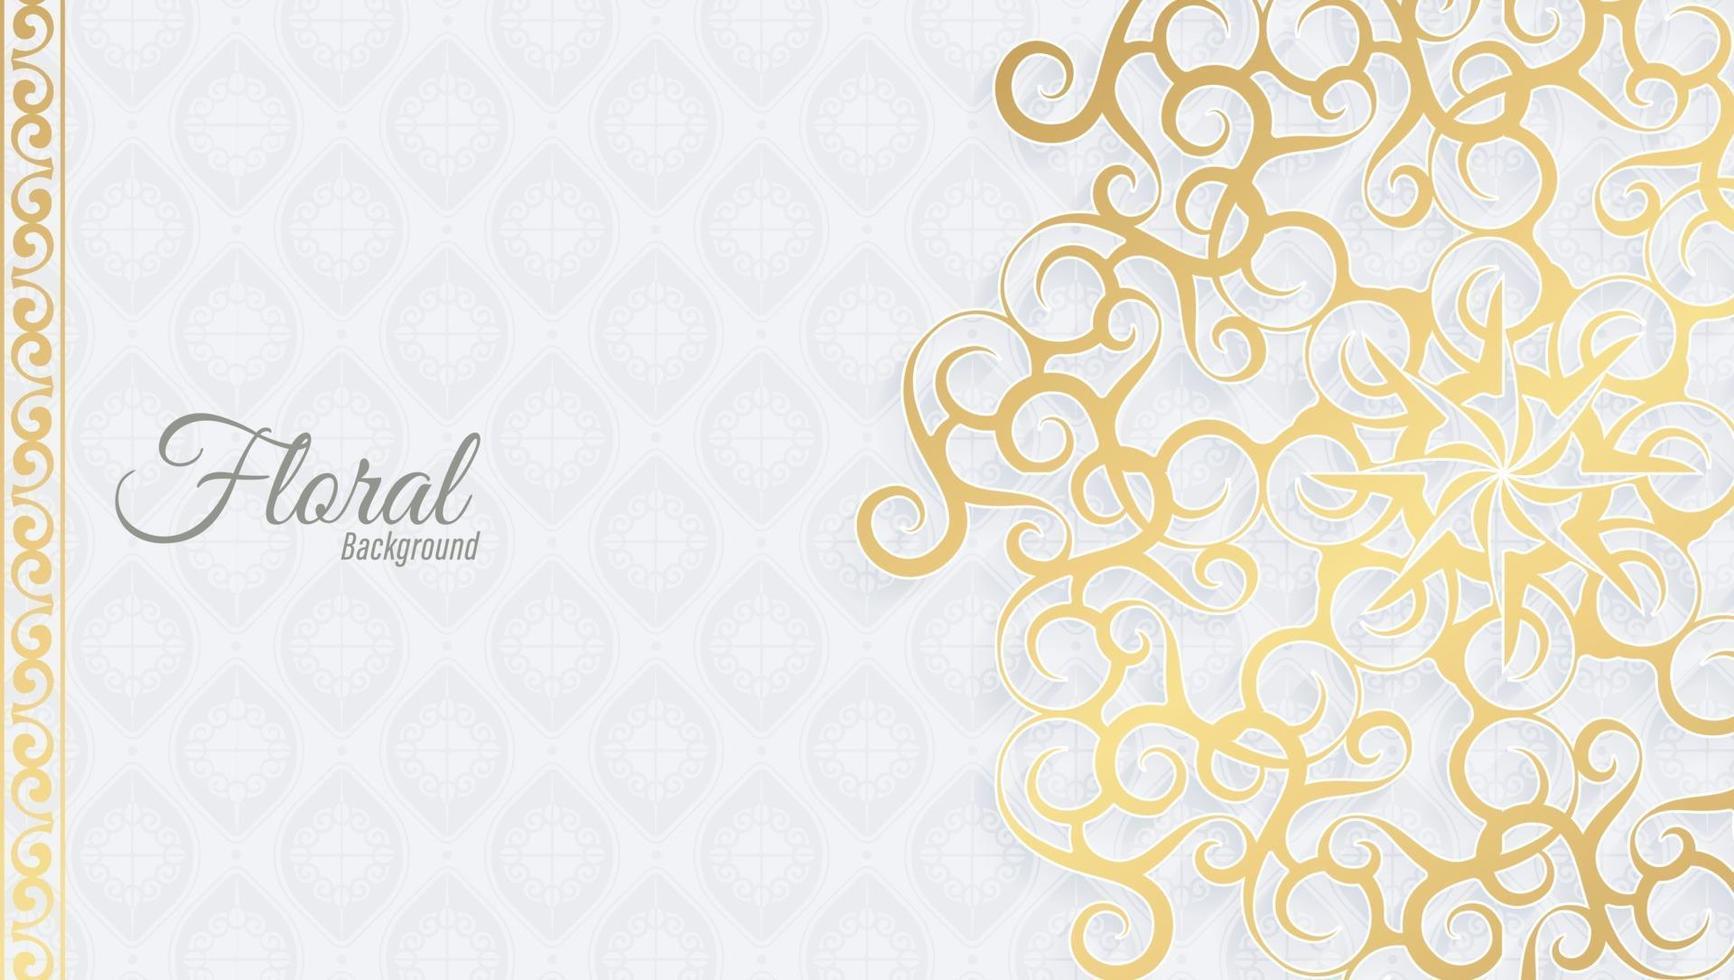 weißer und goldener Blumenornamenthintergrund vektor